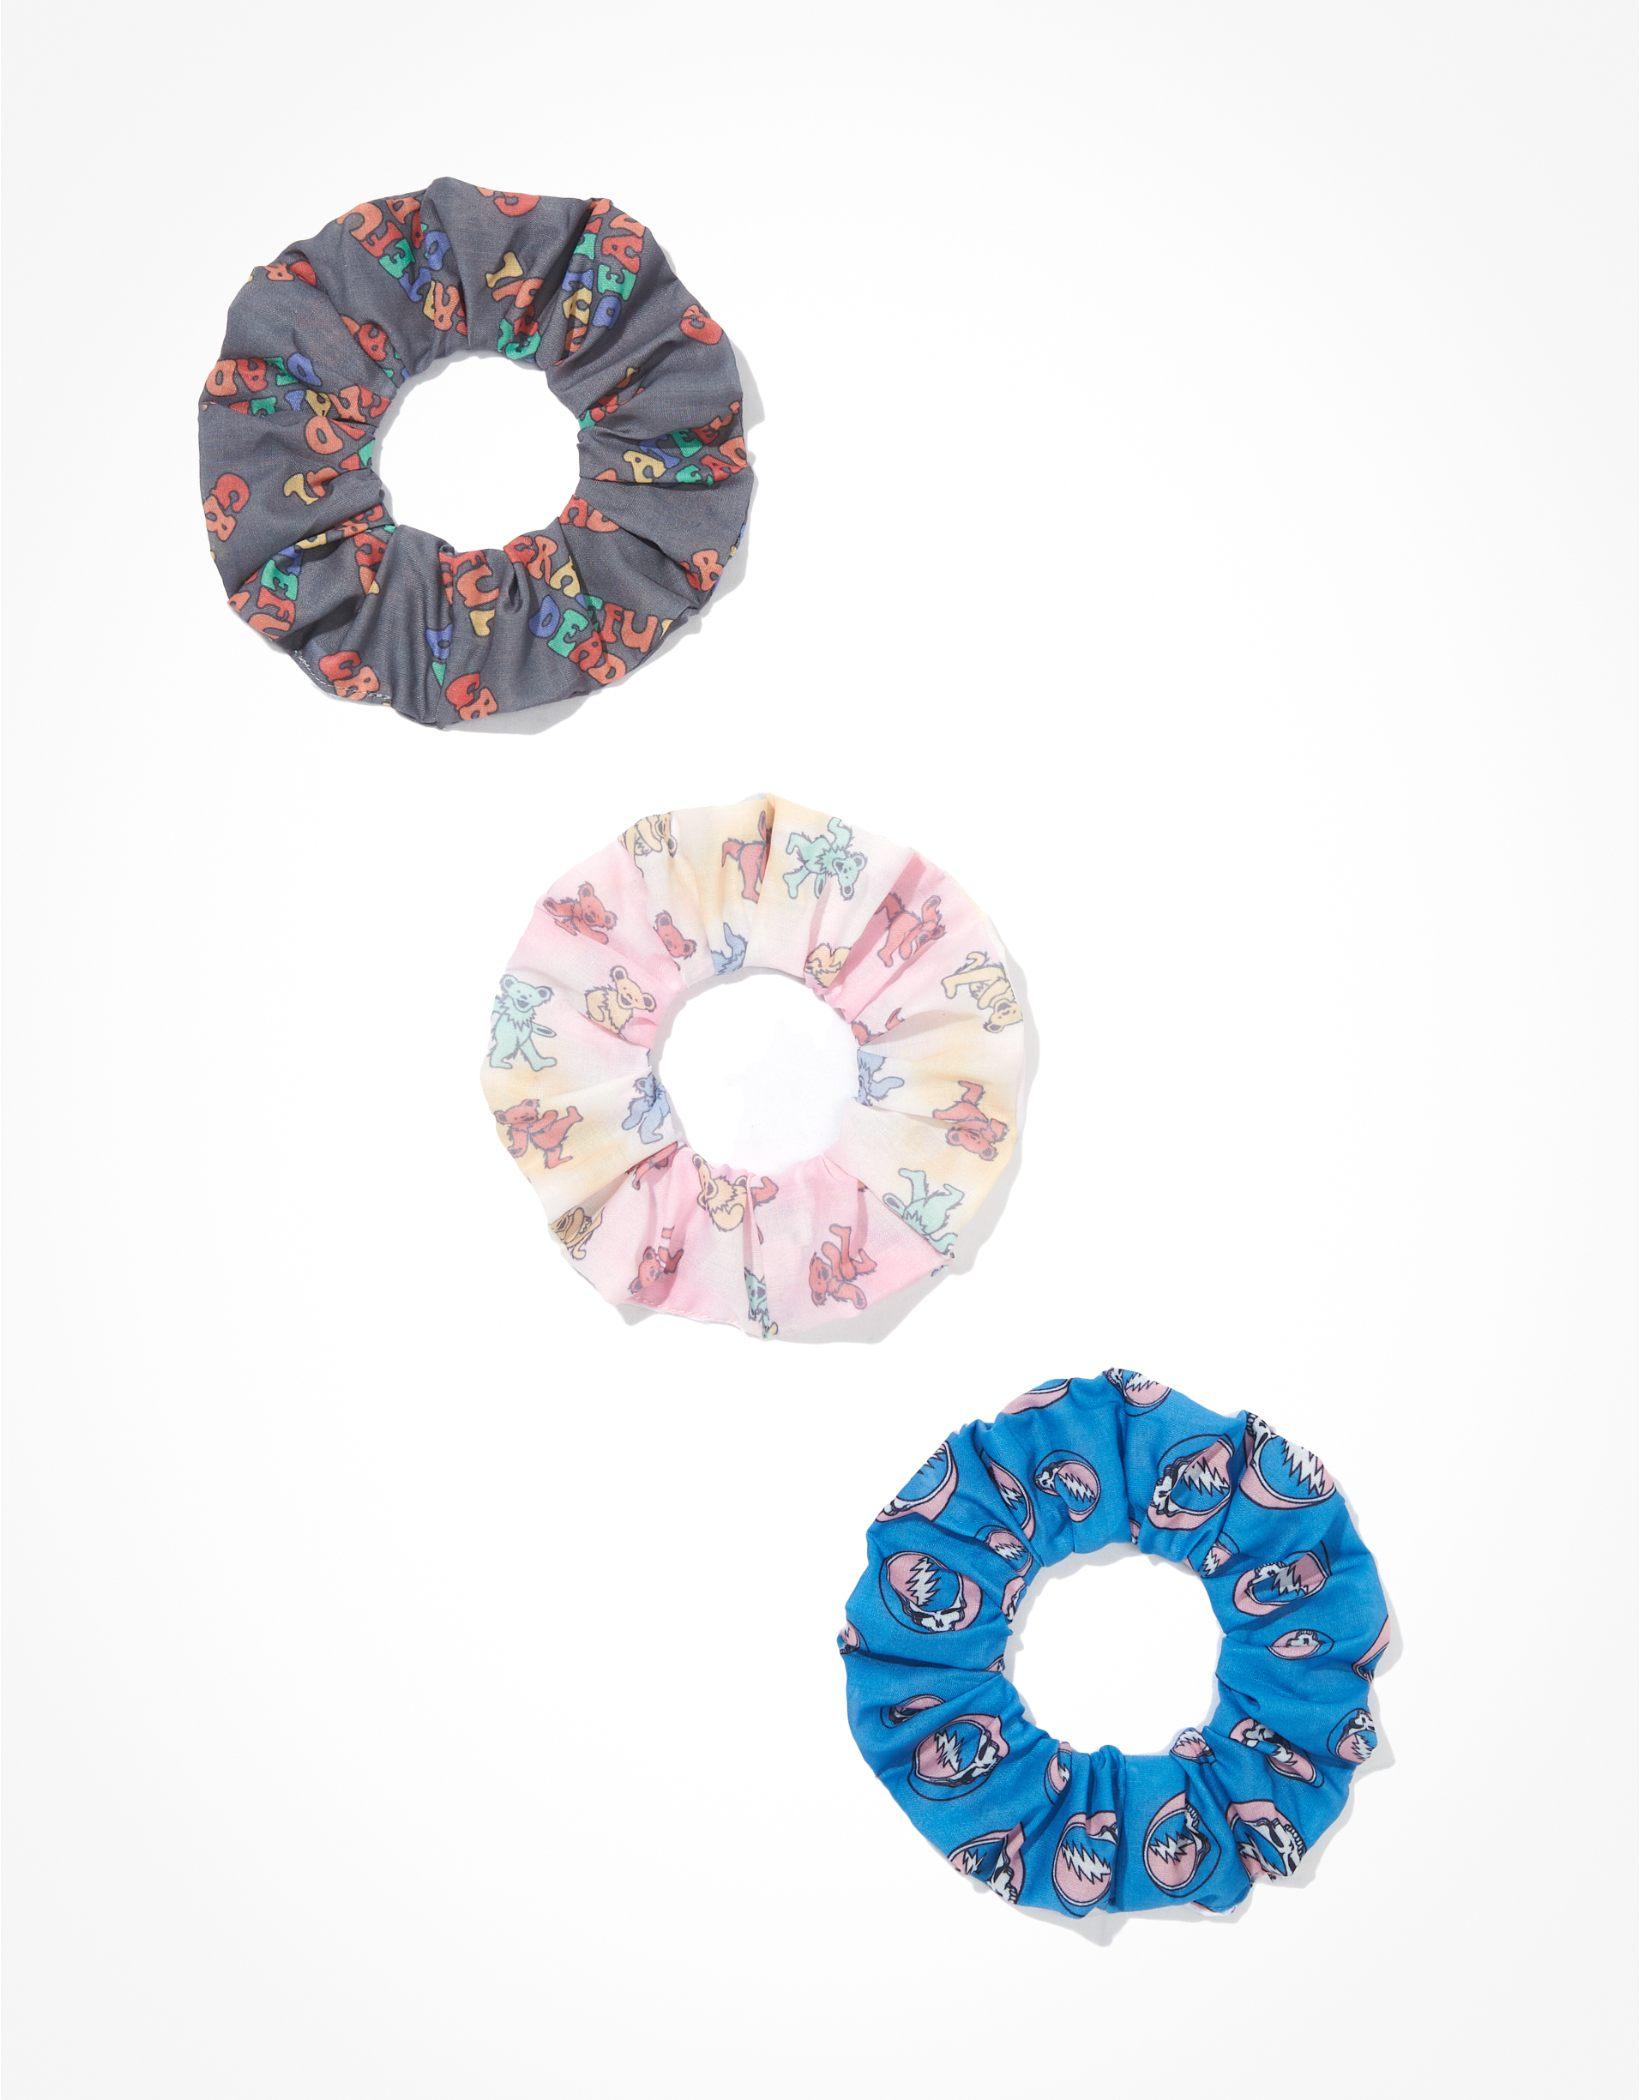 AEO Grateful Dead Scrunchies 3-Pack